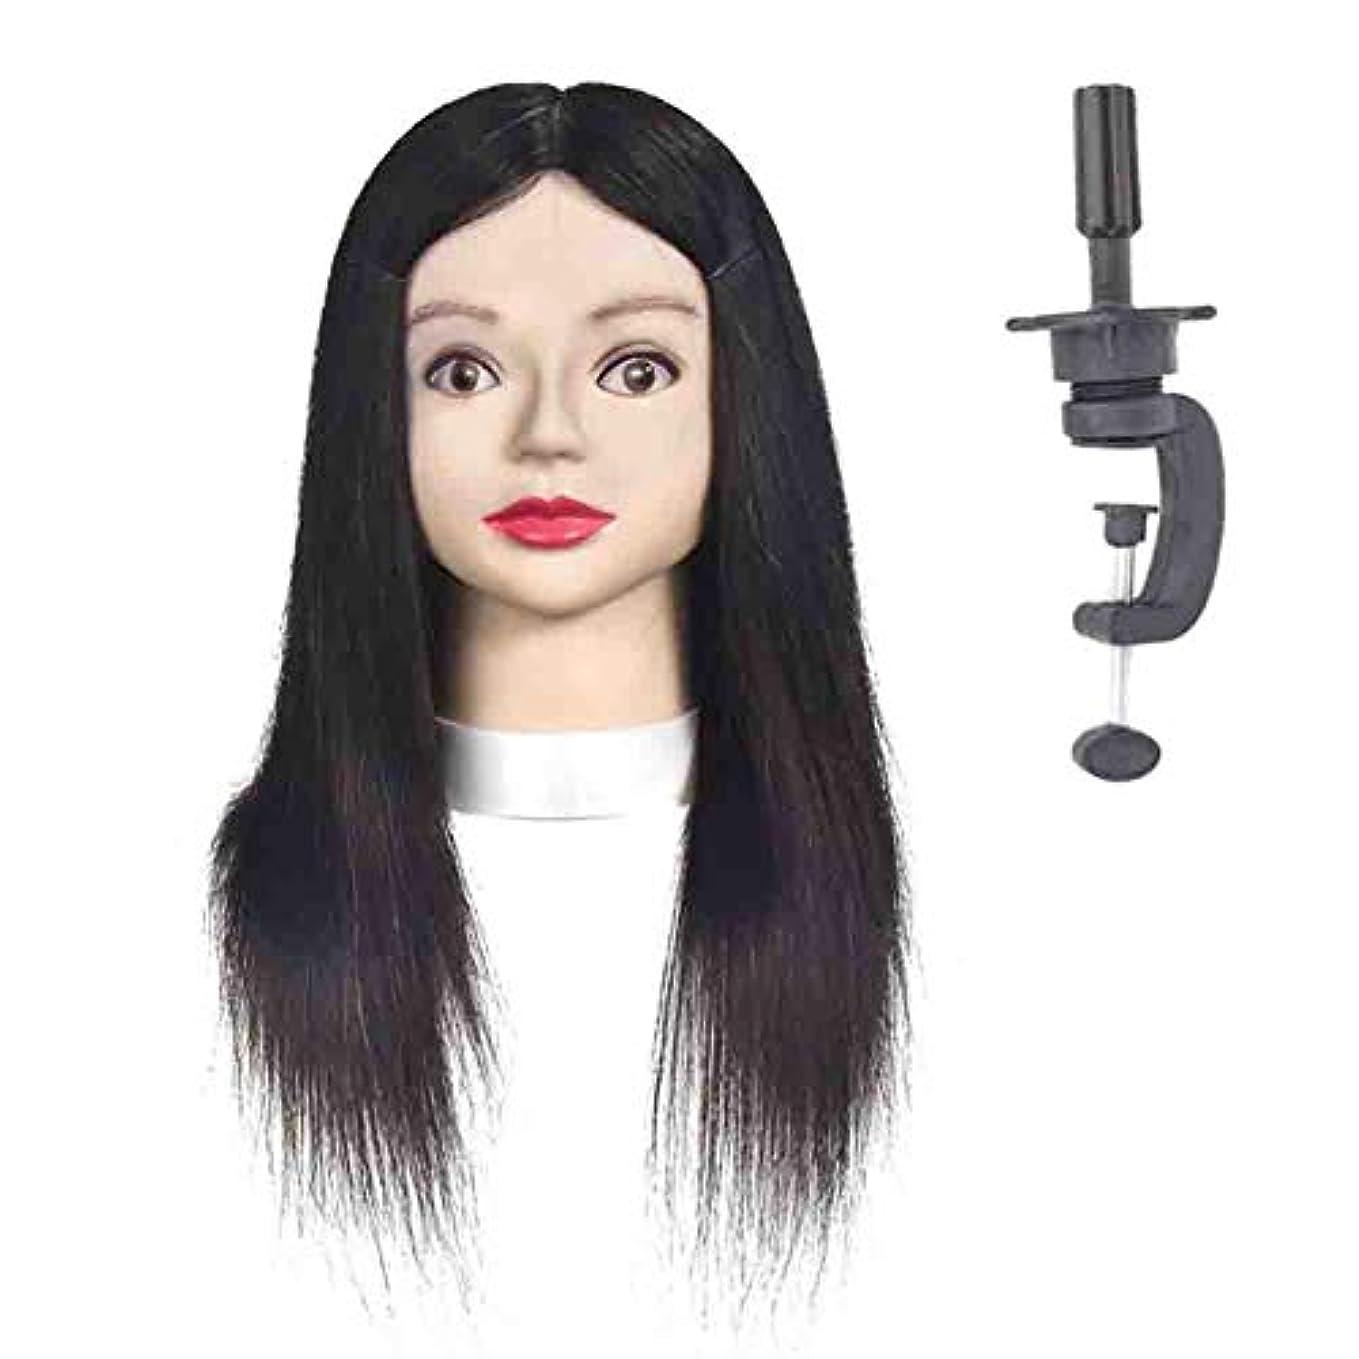 関数ポンプスタウトリアルヘアシルク編組ヘアスタイリングヘッドモデル理髪店理髪ダミーヘッドメイクアップ練習マネキンヘッド